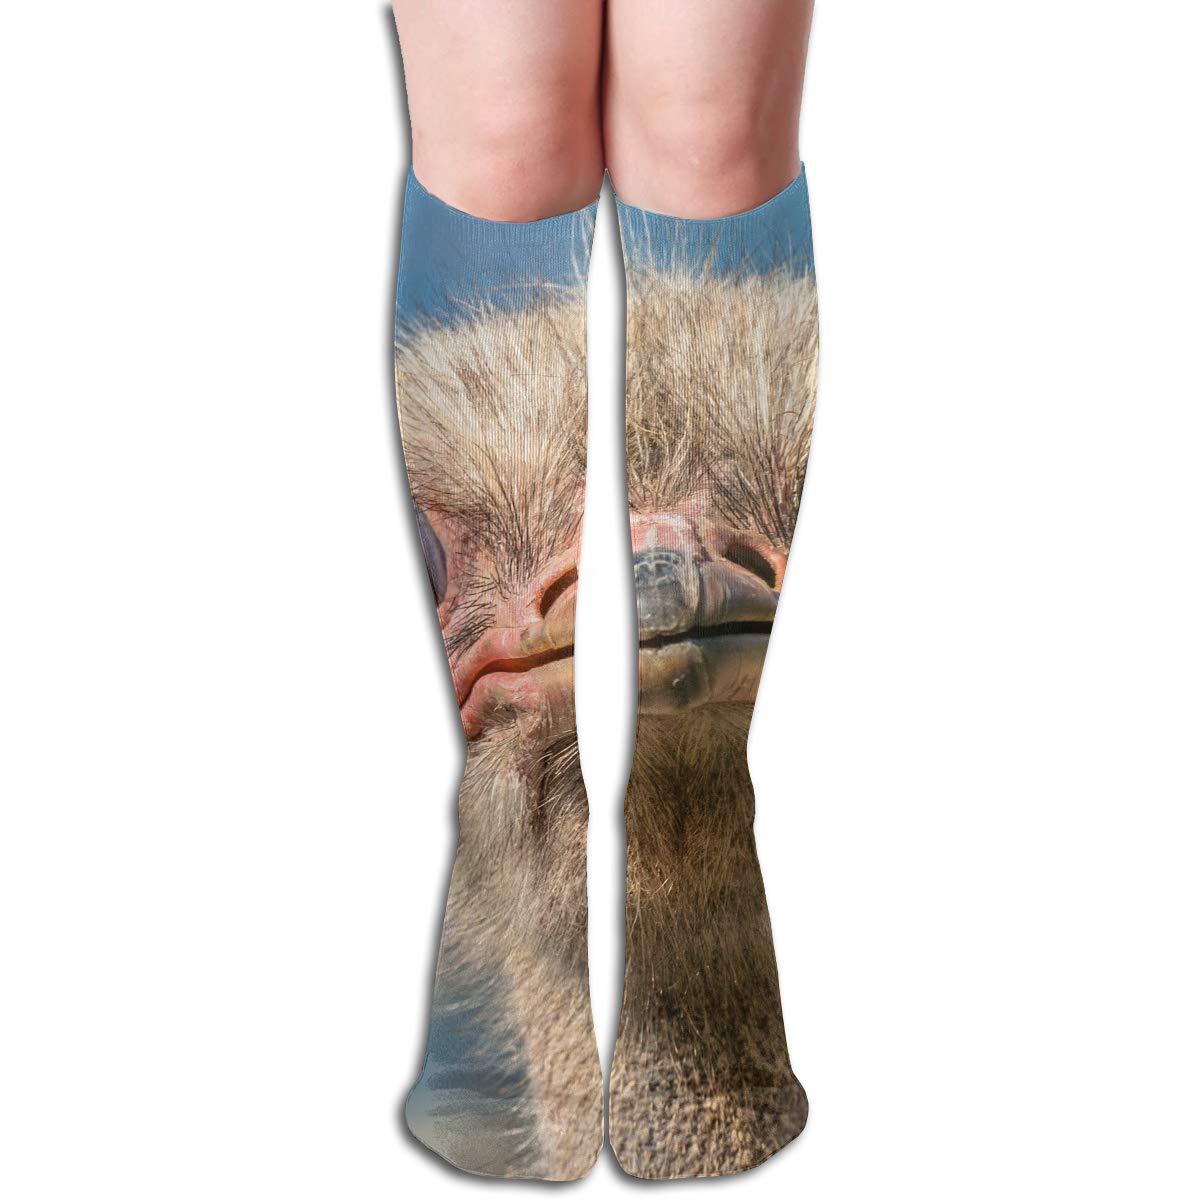 Girls Socks Over Knee Palm Tree Winter Inspiring For Festive